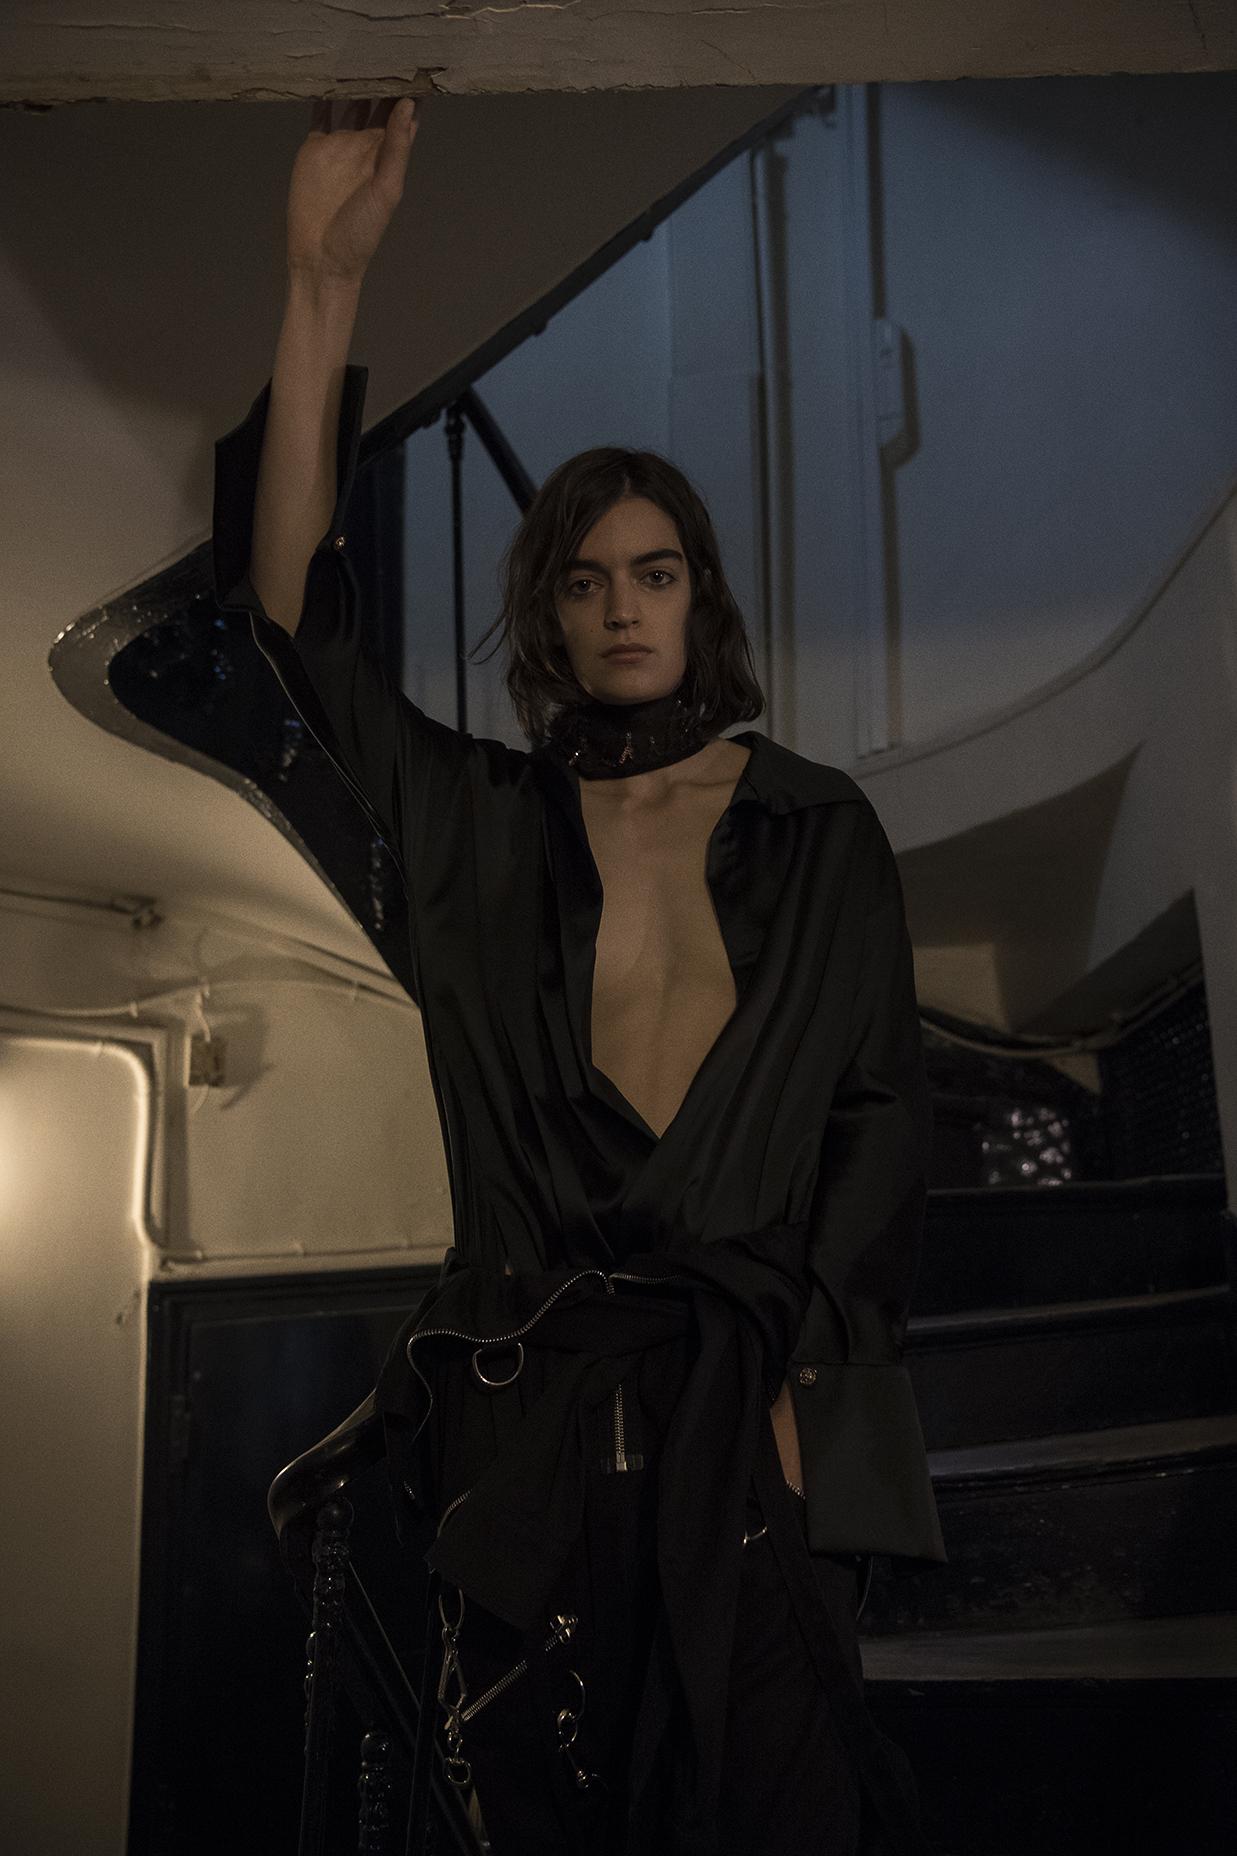 necktie +top aaizel  pants  aith connexion